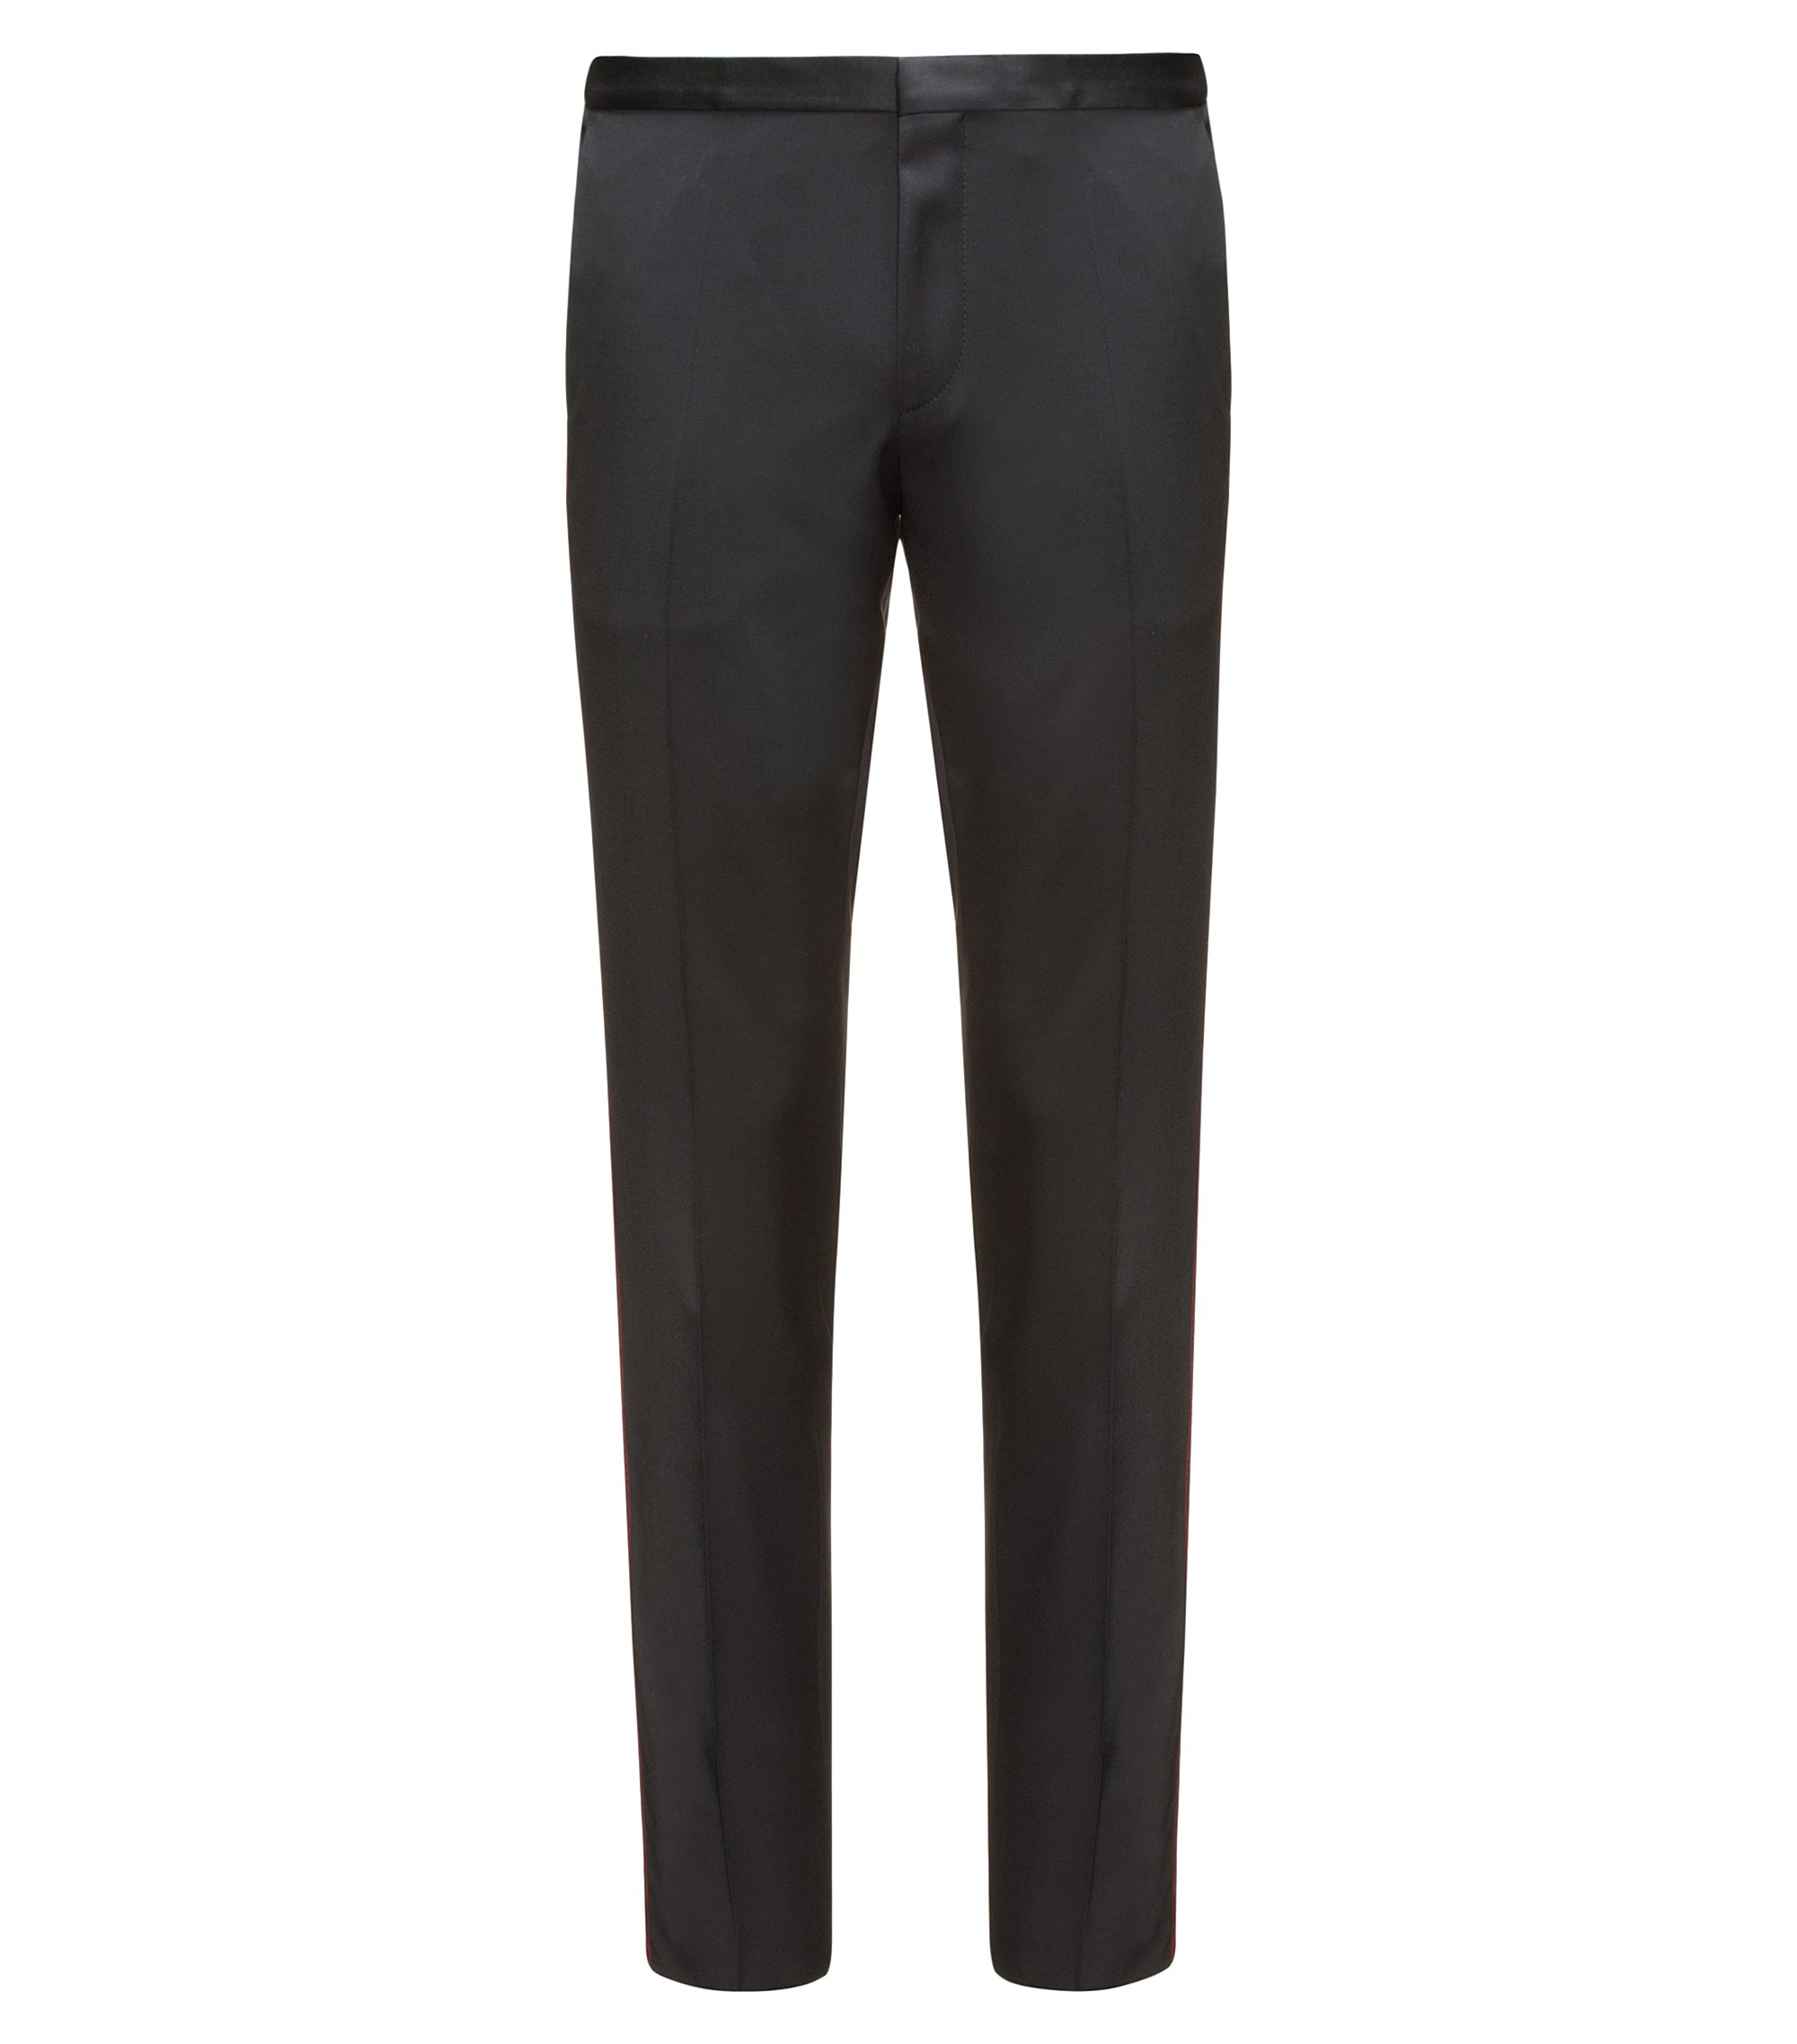 Pantalon Extra Slim Fit en laine vierge, Noir